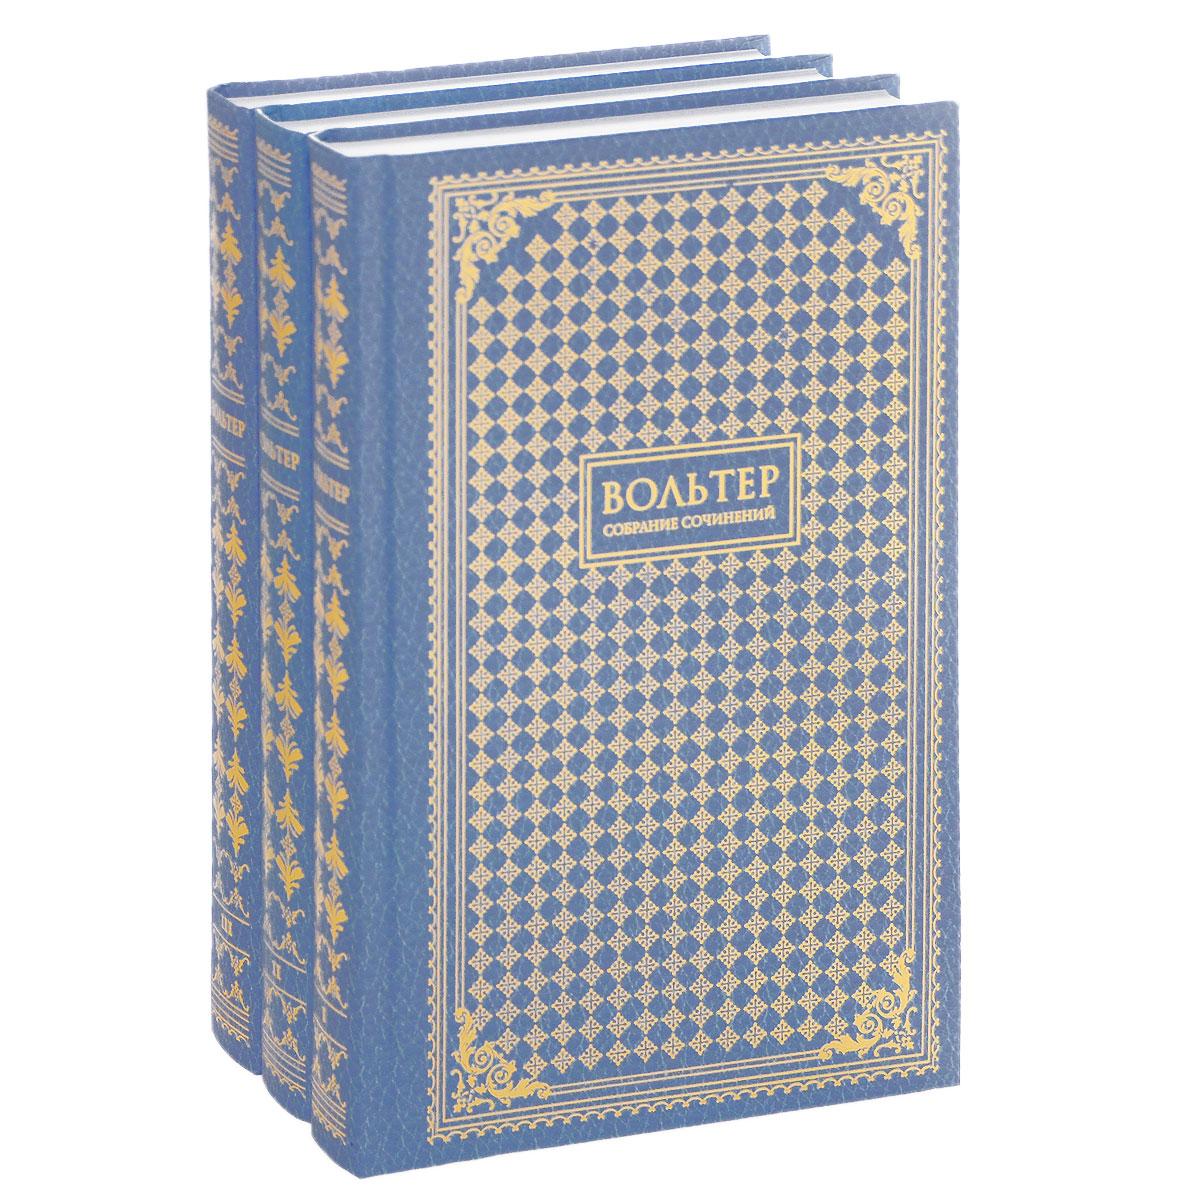 Вольтер Вольтер. Собрание сочинений. В 3 томах (комплект из 3 книг) любовный быт пушкинской эпохи комплект из 2 книг